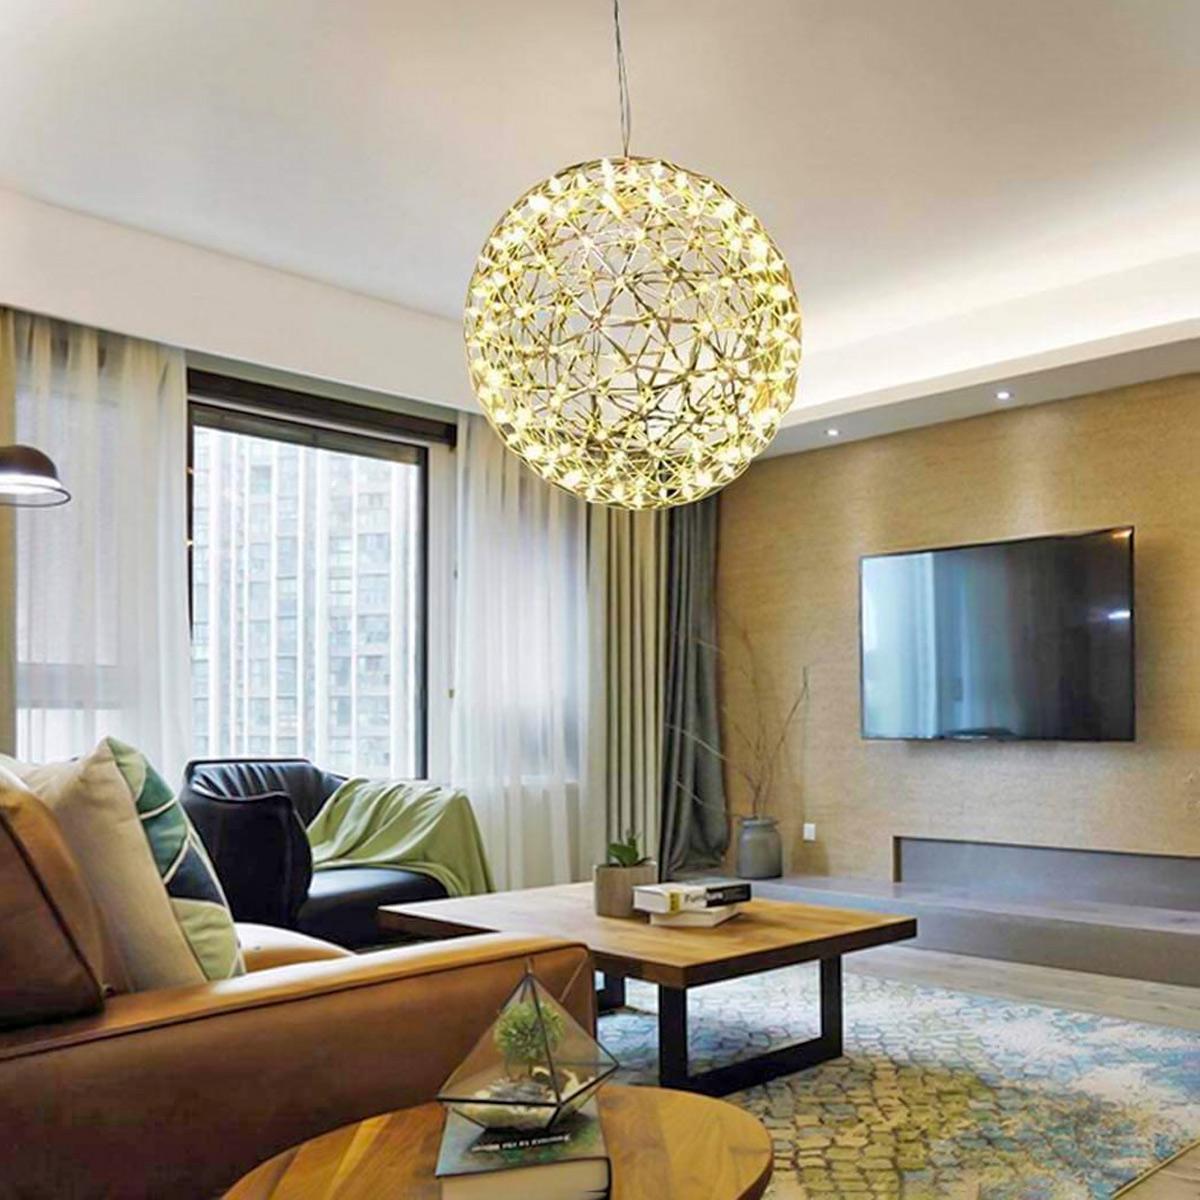 đèn phòng khách hiện đại nhất